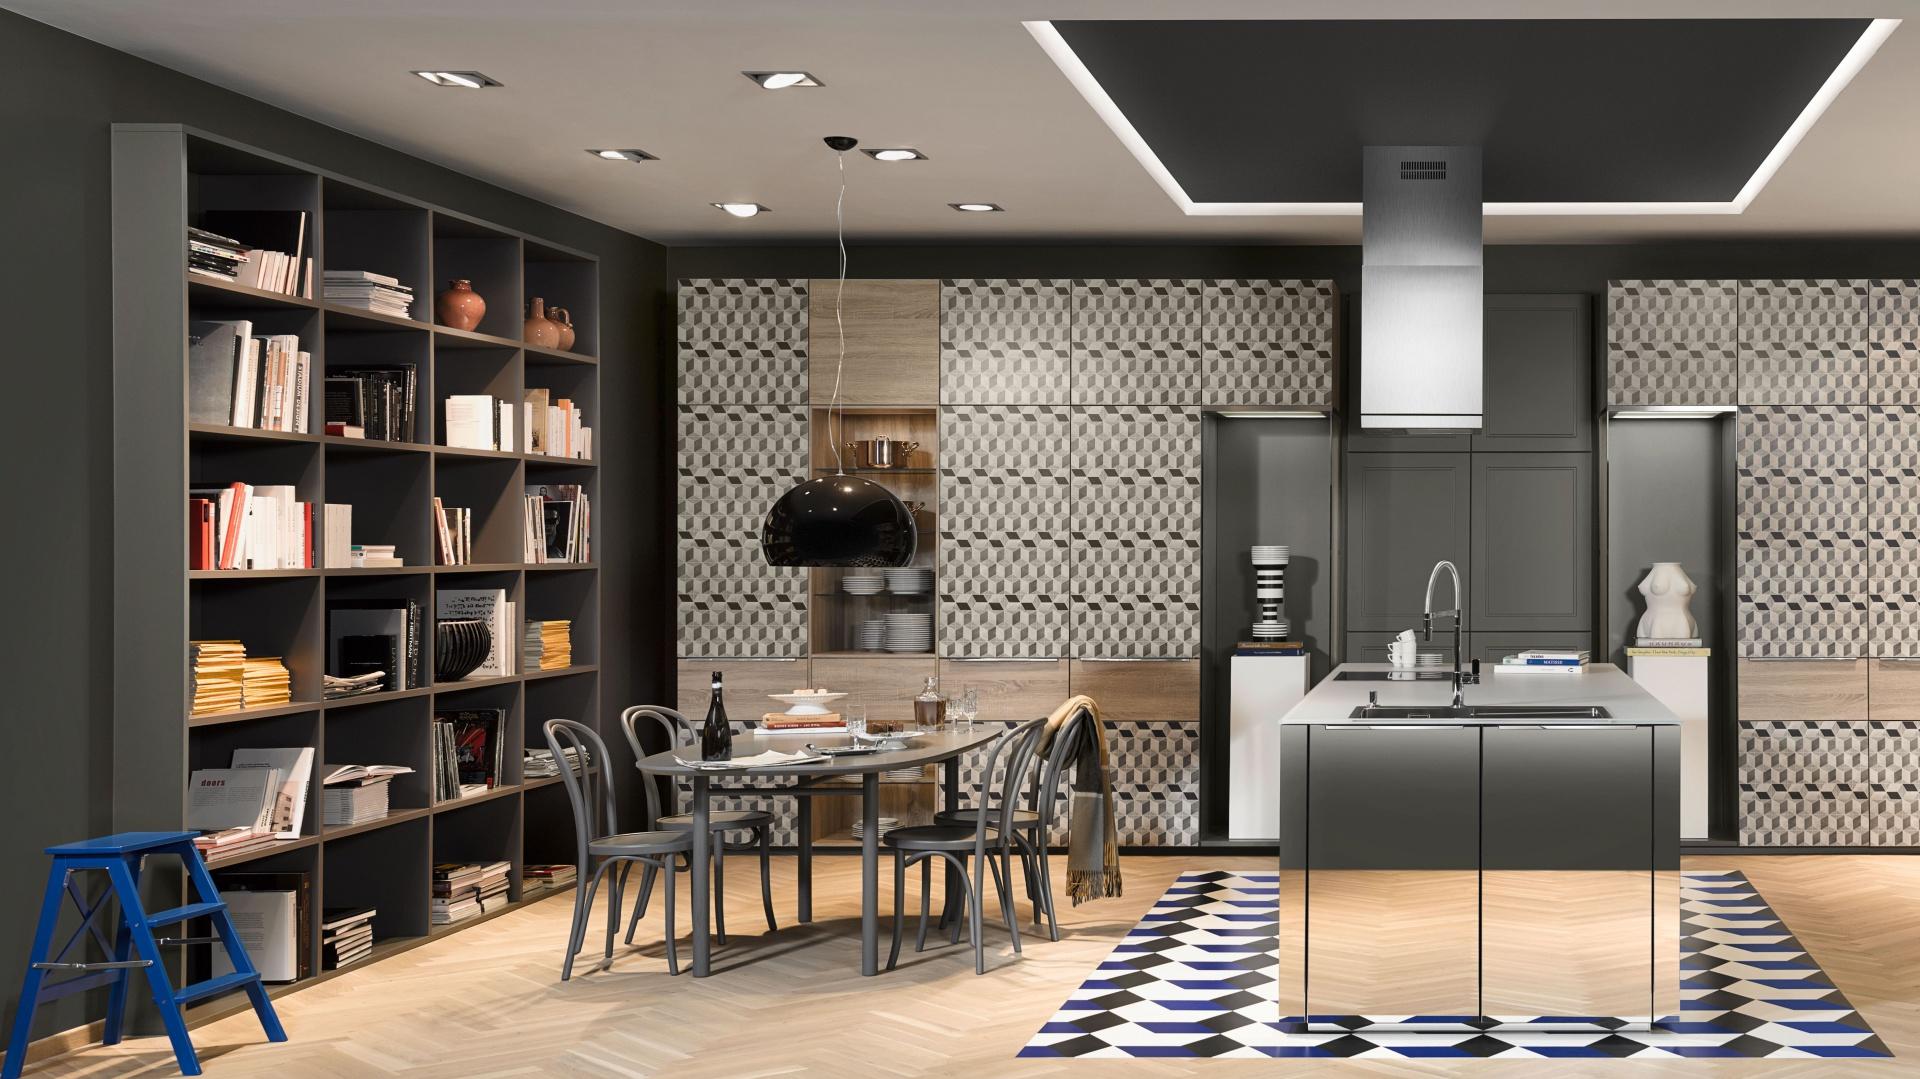 Kuchnia NEO LOFT stylizowana na pofabryczne wnętrze z lat 50., dzięki funkcjonalnym rozwiązaniom, podkreśla związek tradycji z nowoczesnością. Fot. Nolte Küchen